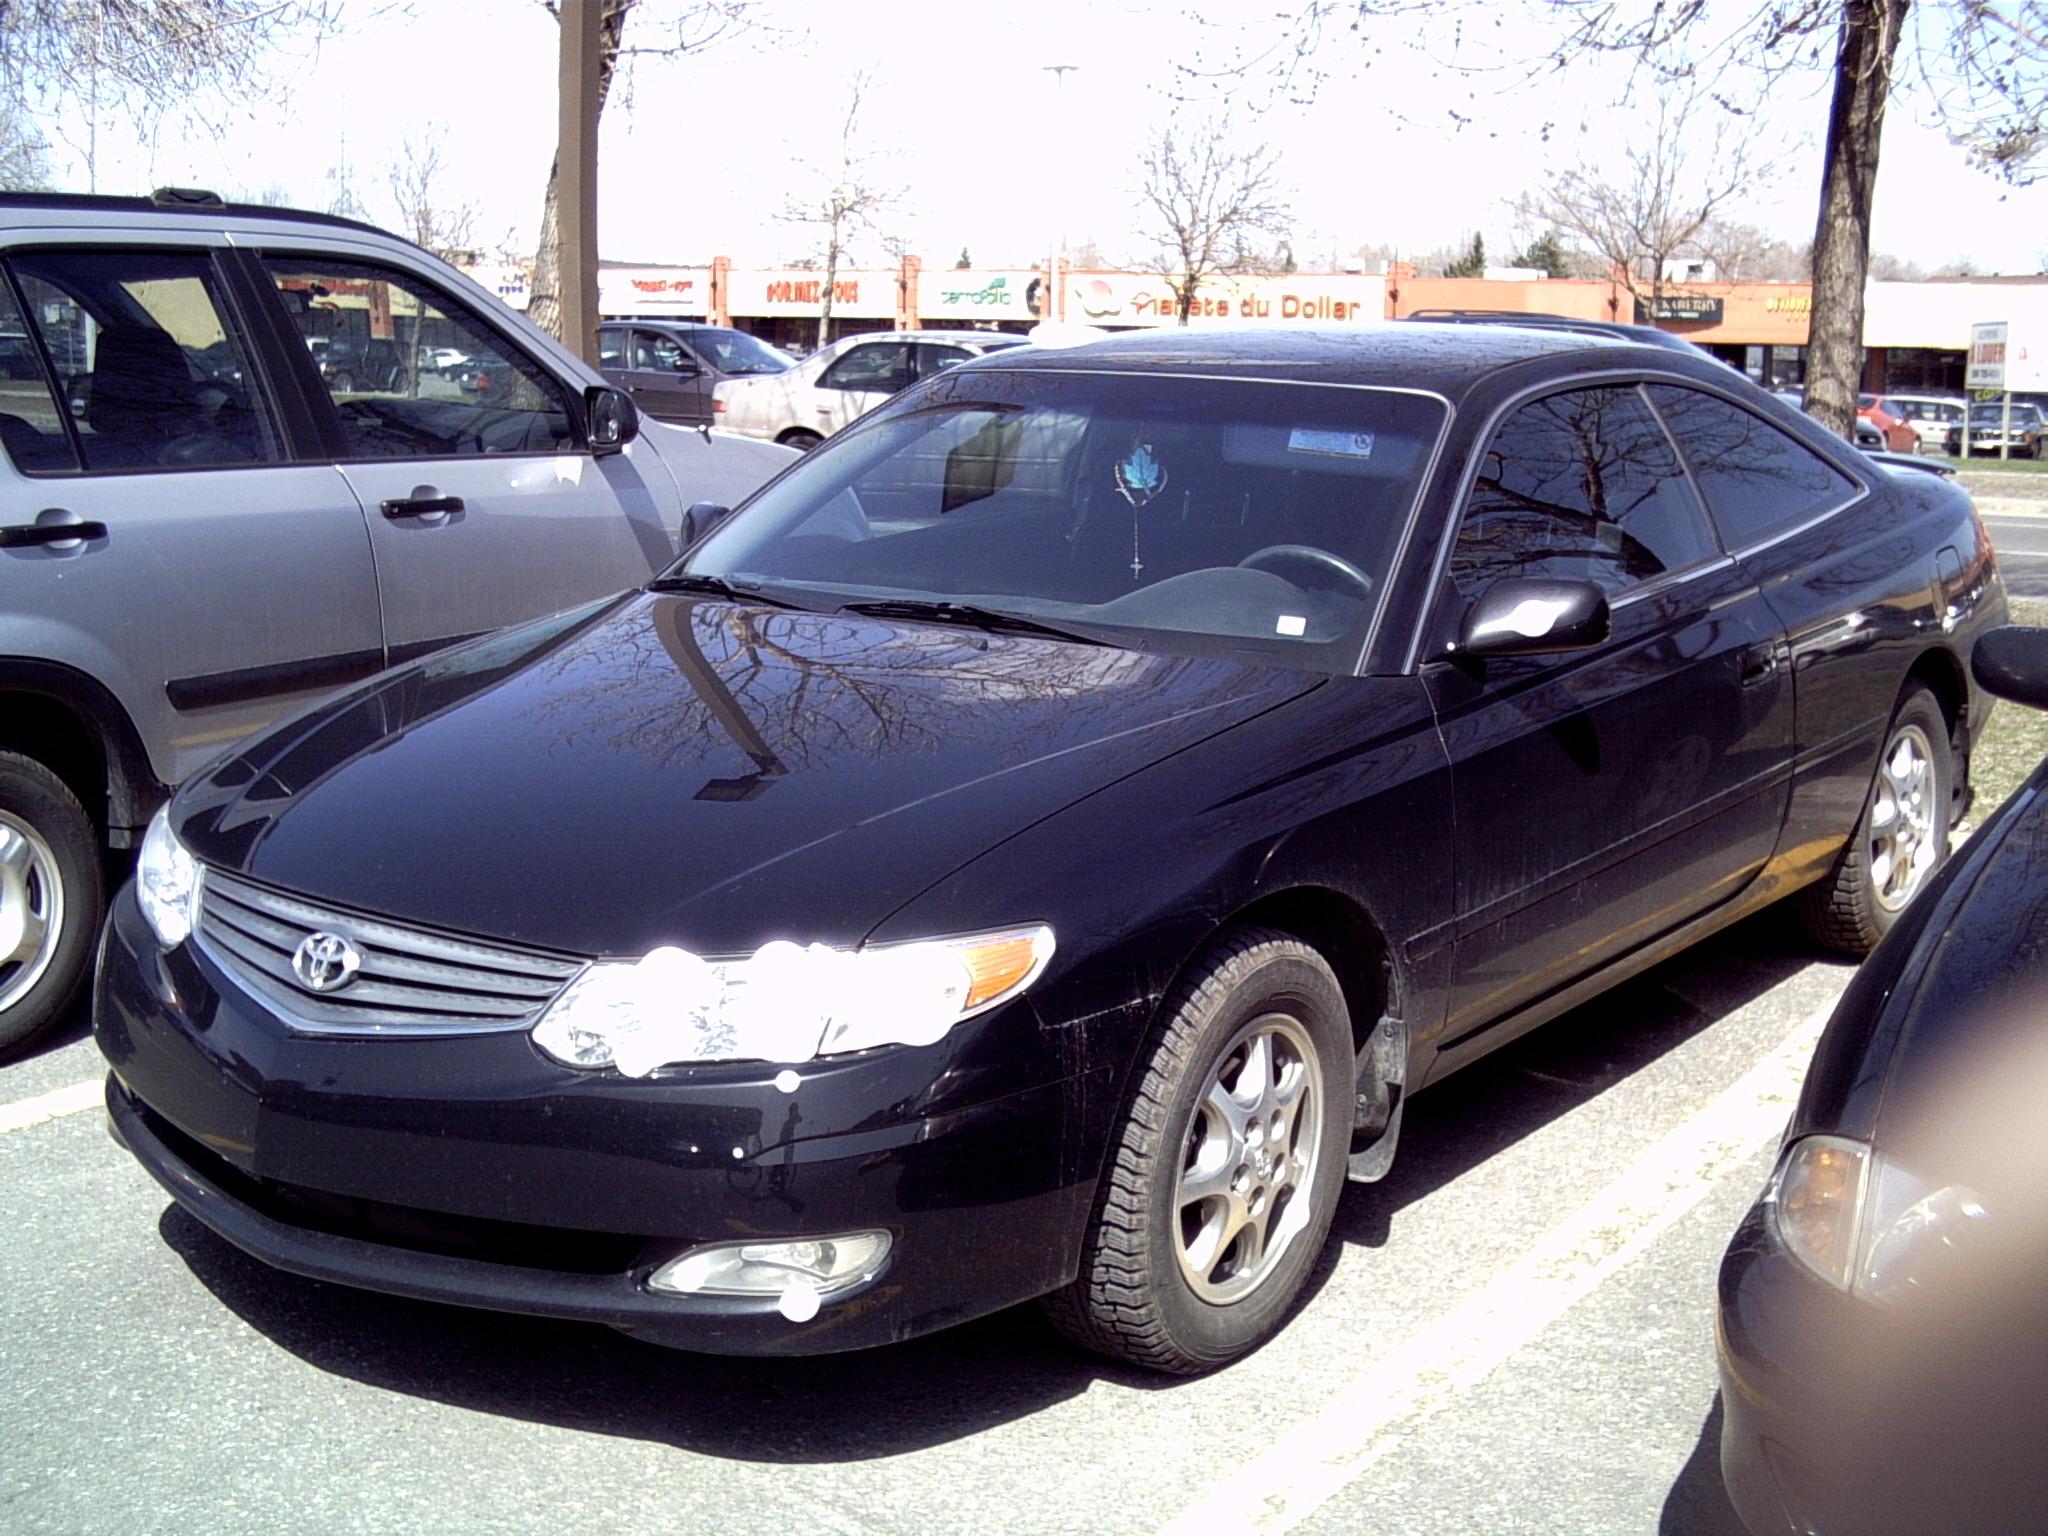 1999 Toyota Camry Solara Information And Photos Zombiedrive 2004 Fuse Box 2